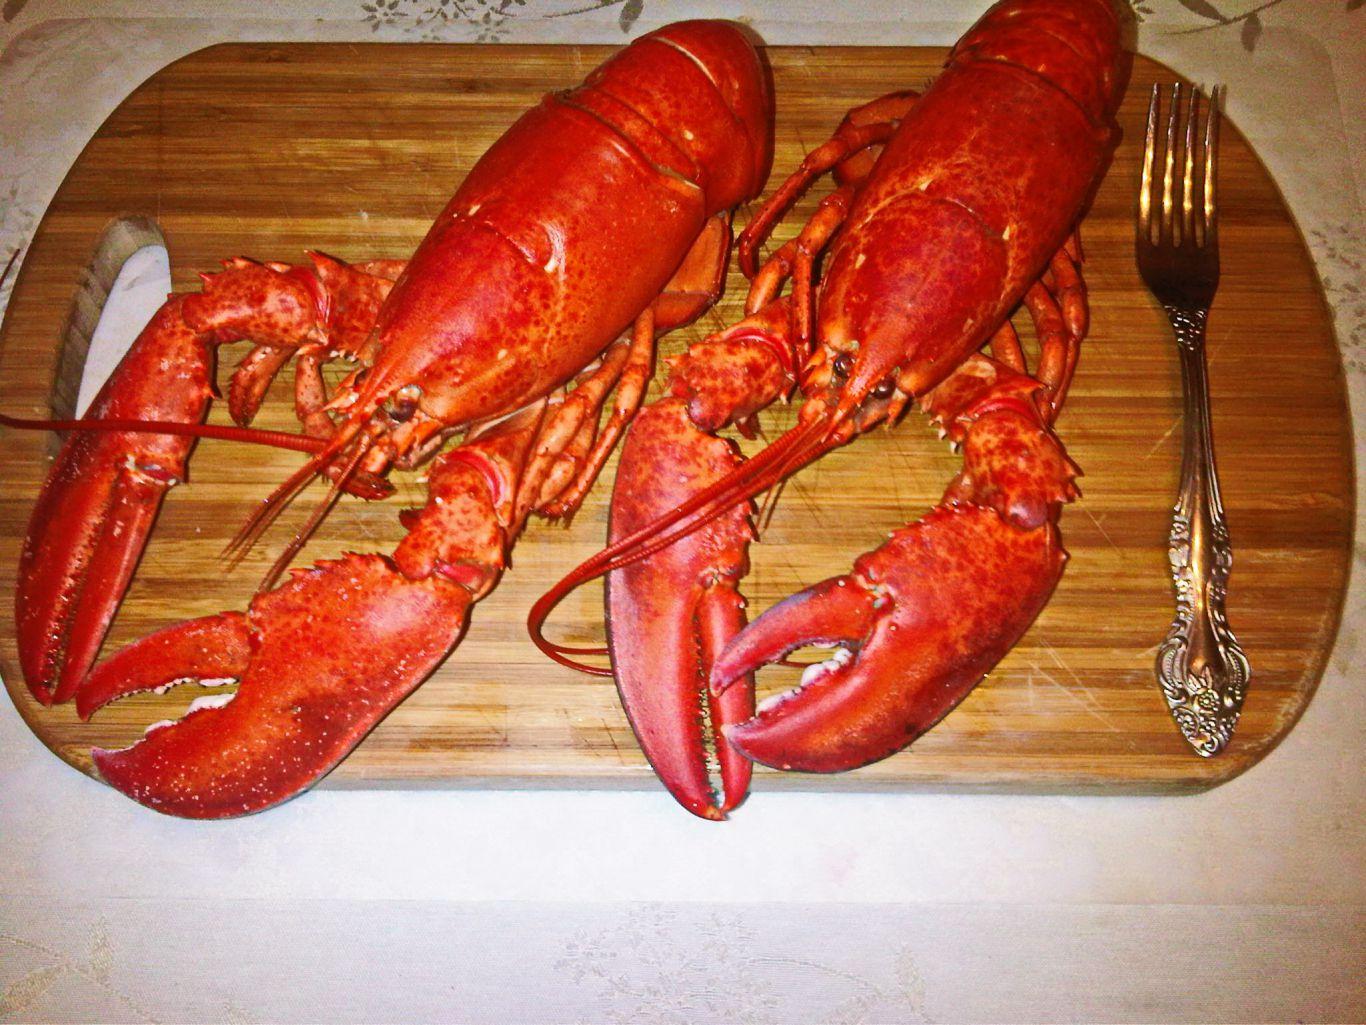 Как готовить лобстеров и омаров Выбираем и готовим омаров Продукты 73